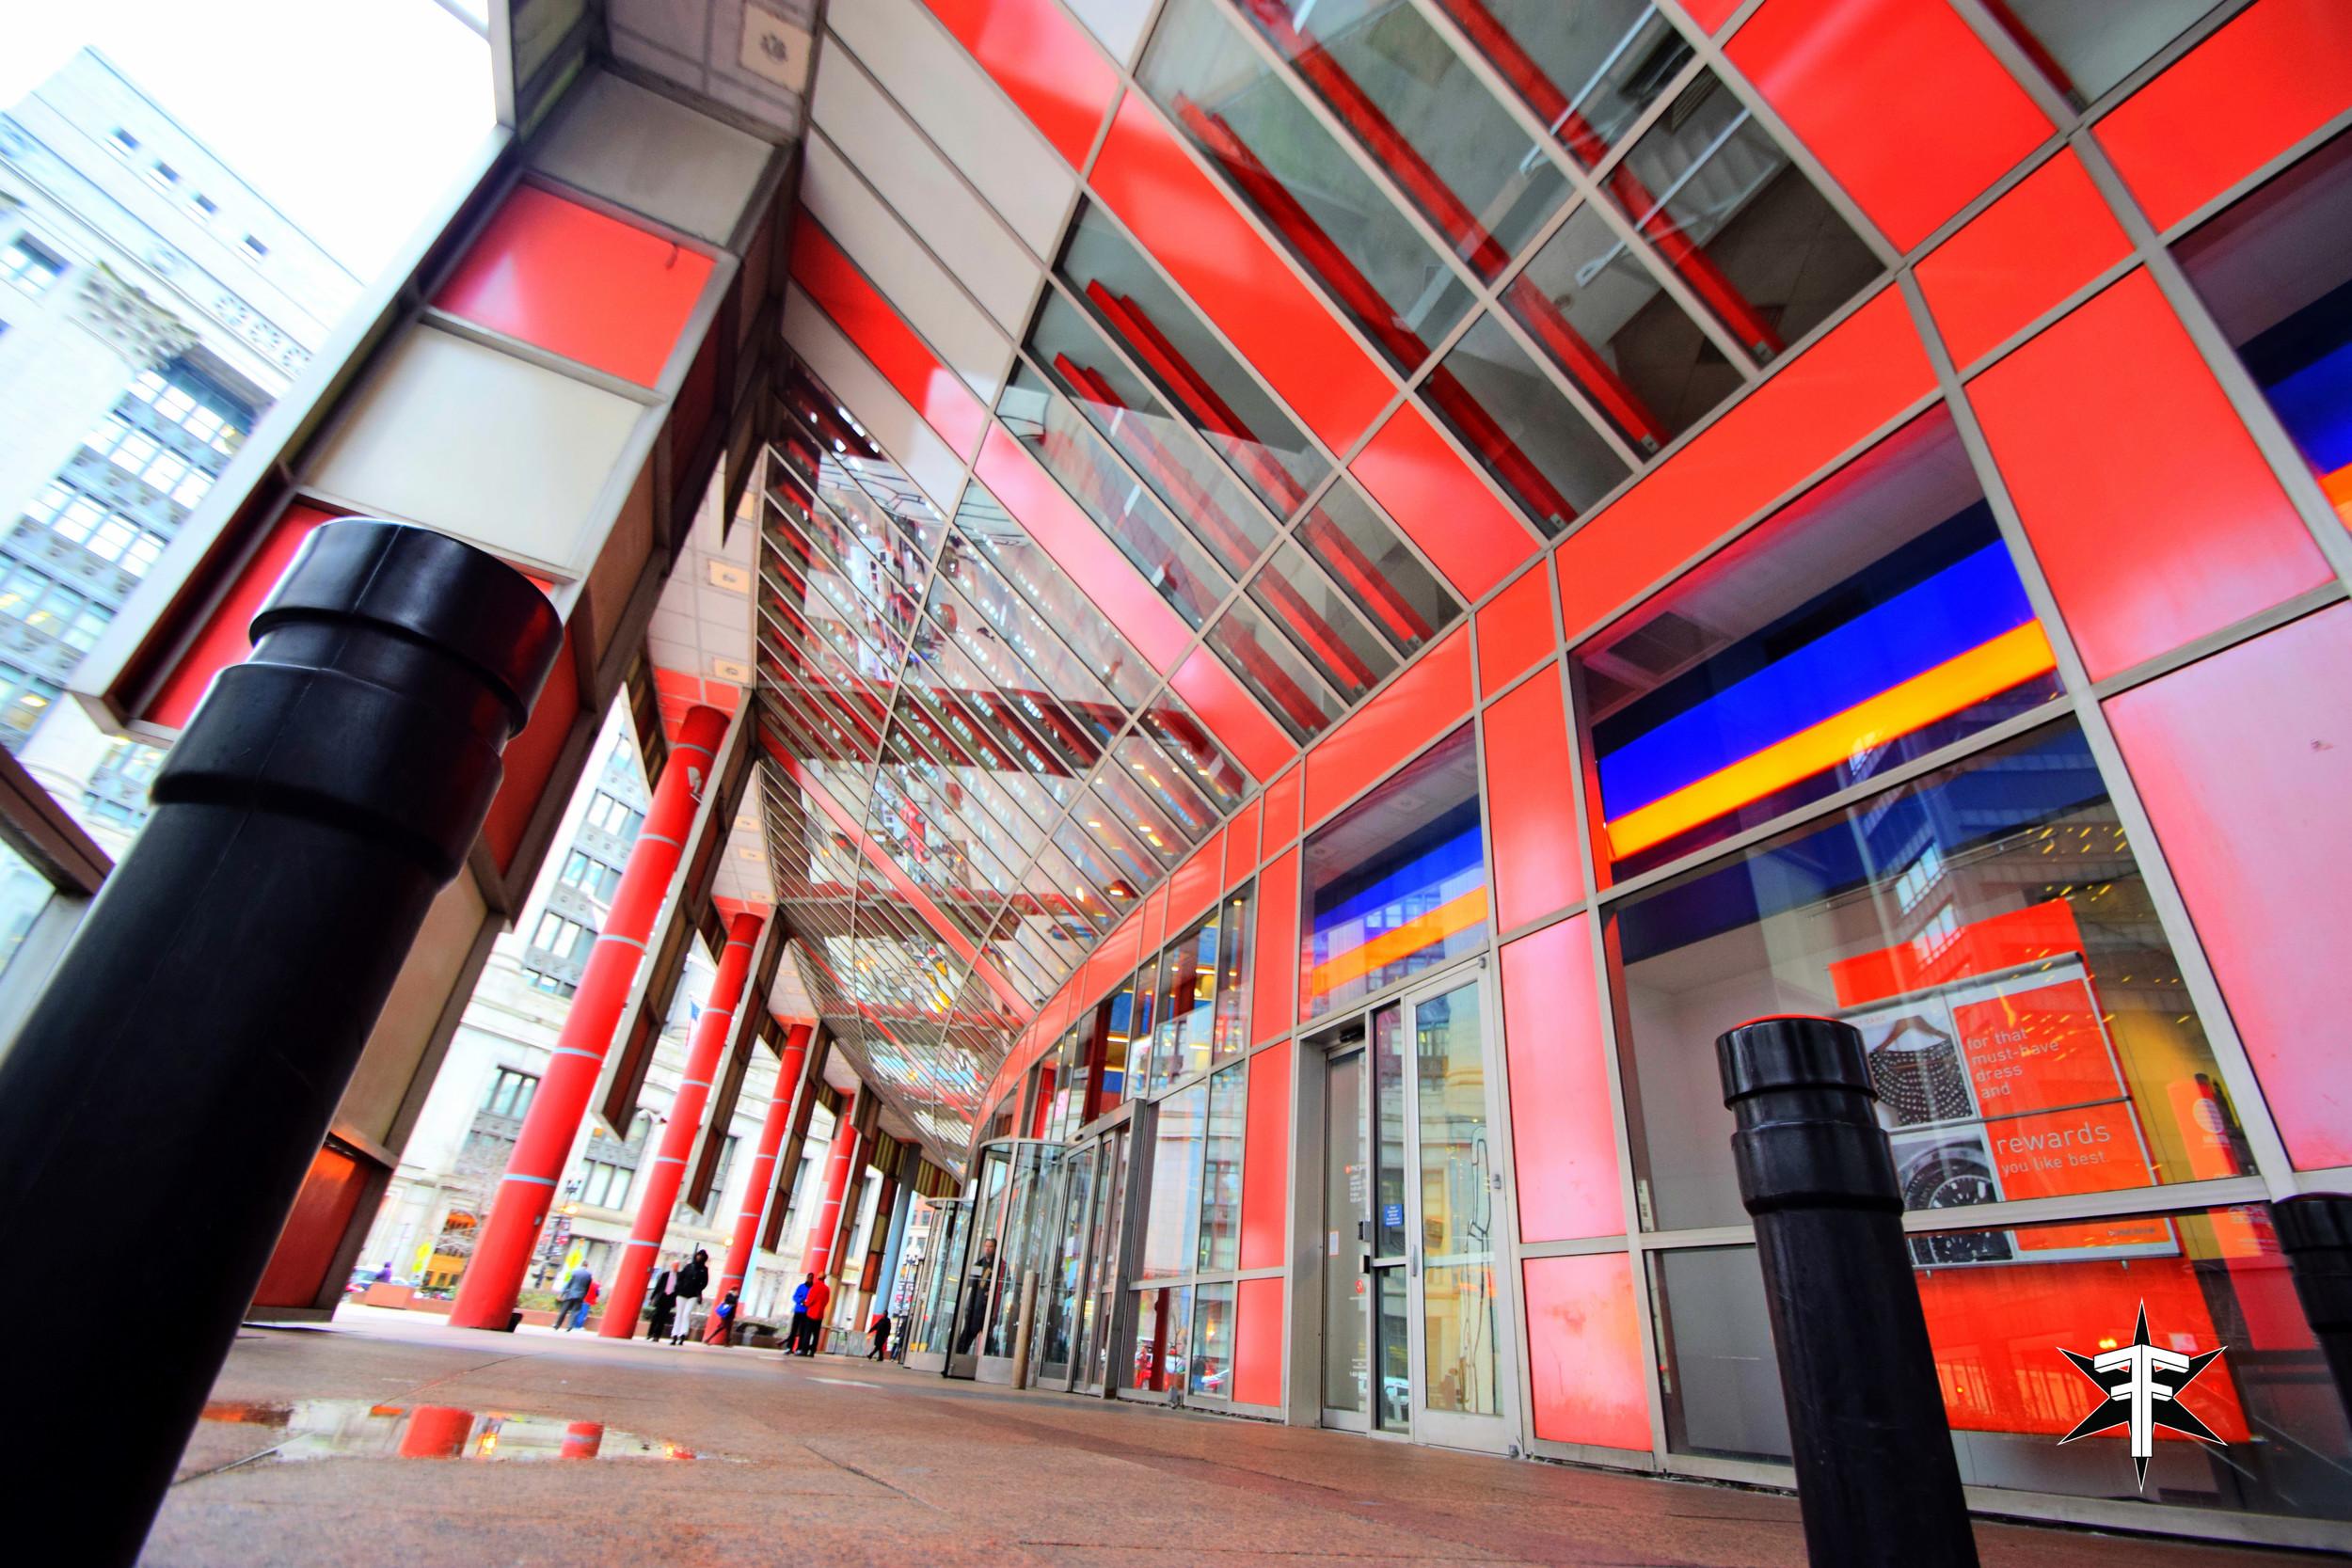 chicago architecture eric formato photography design arquitectura architettura buildings skyscraper skyscrapers-193.jpg